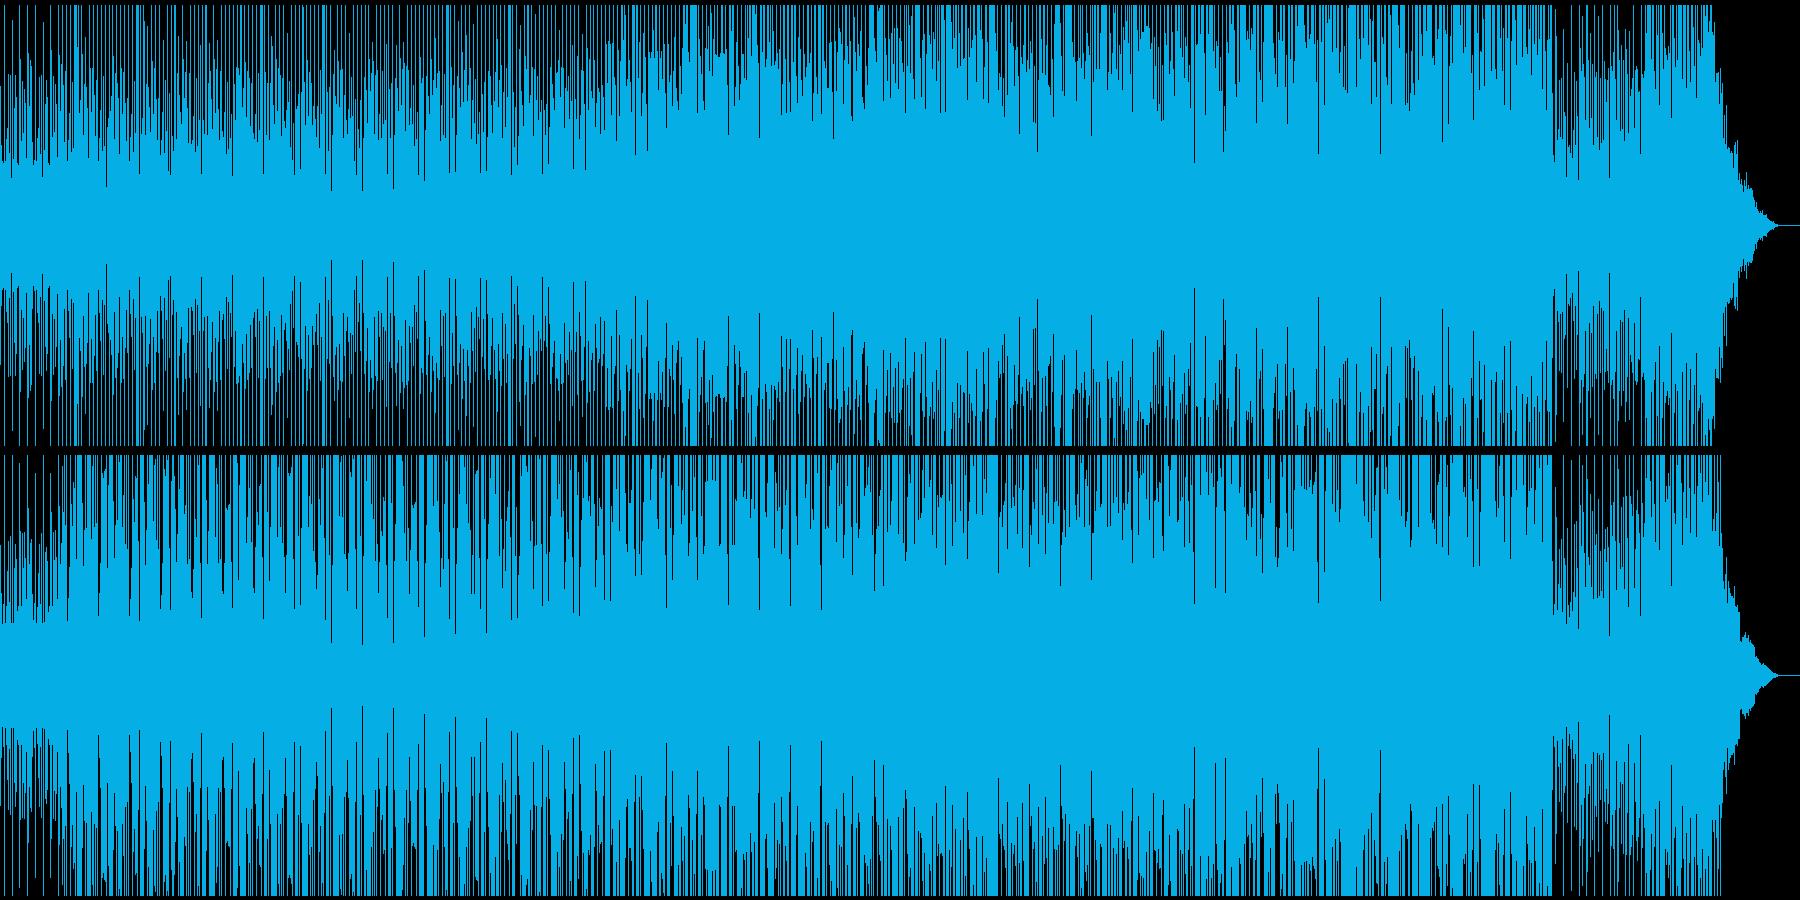 イベントなどのオープニングBGMの再生済みの波形